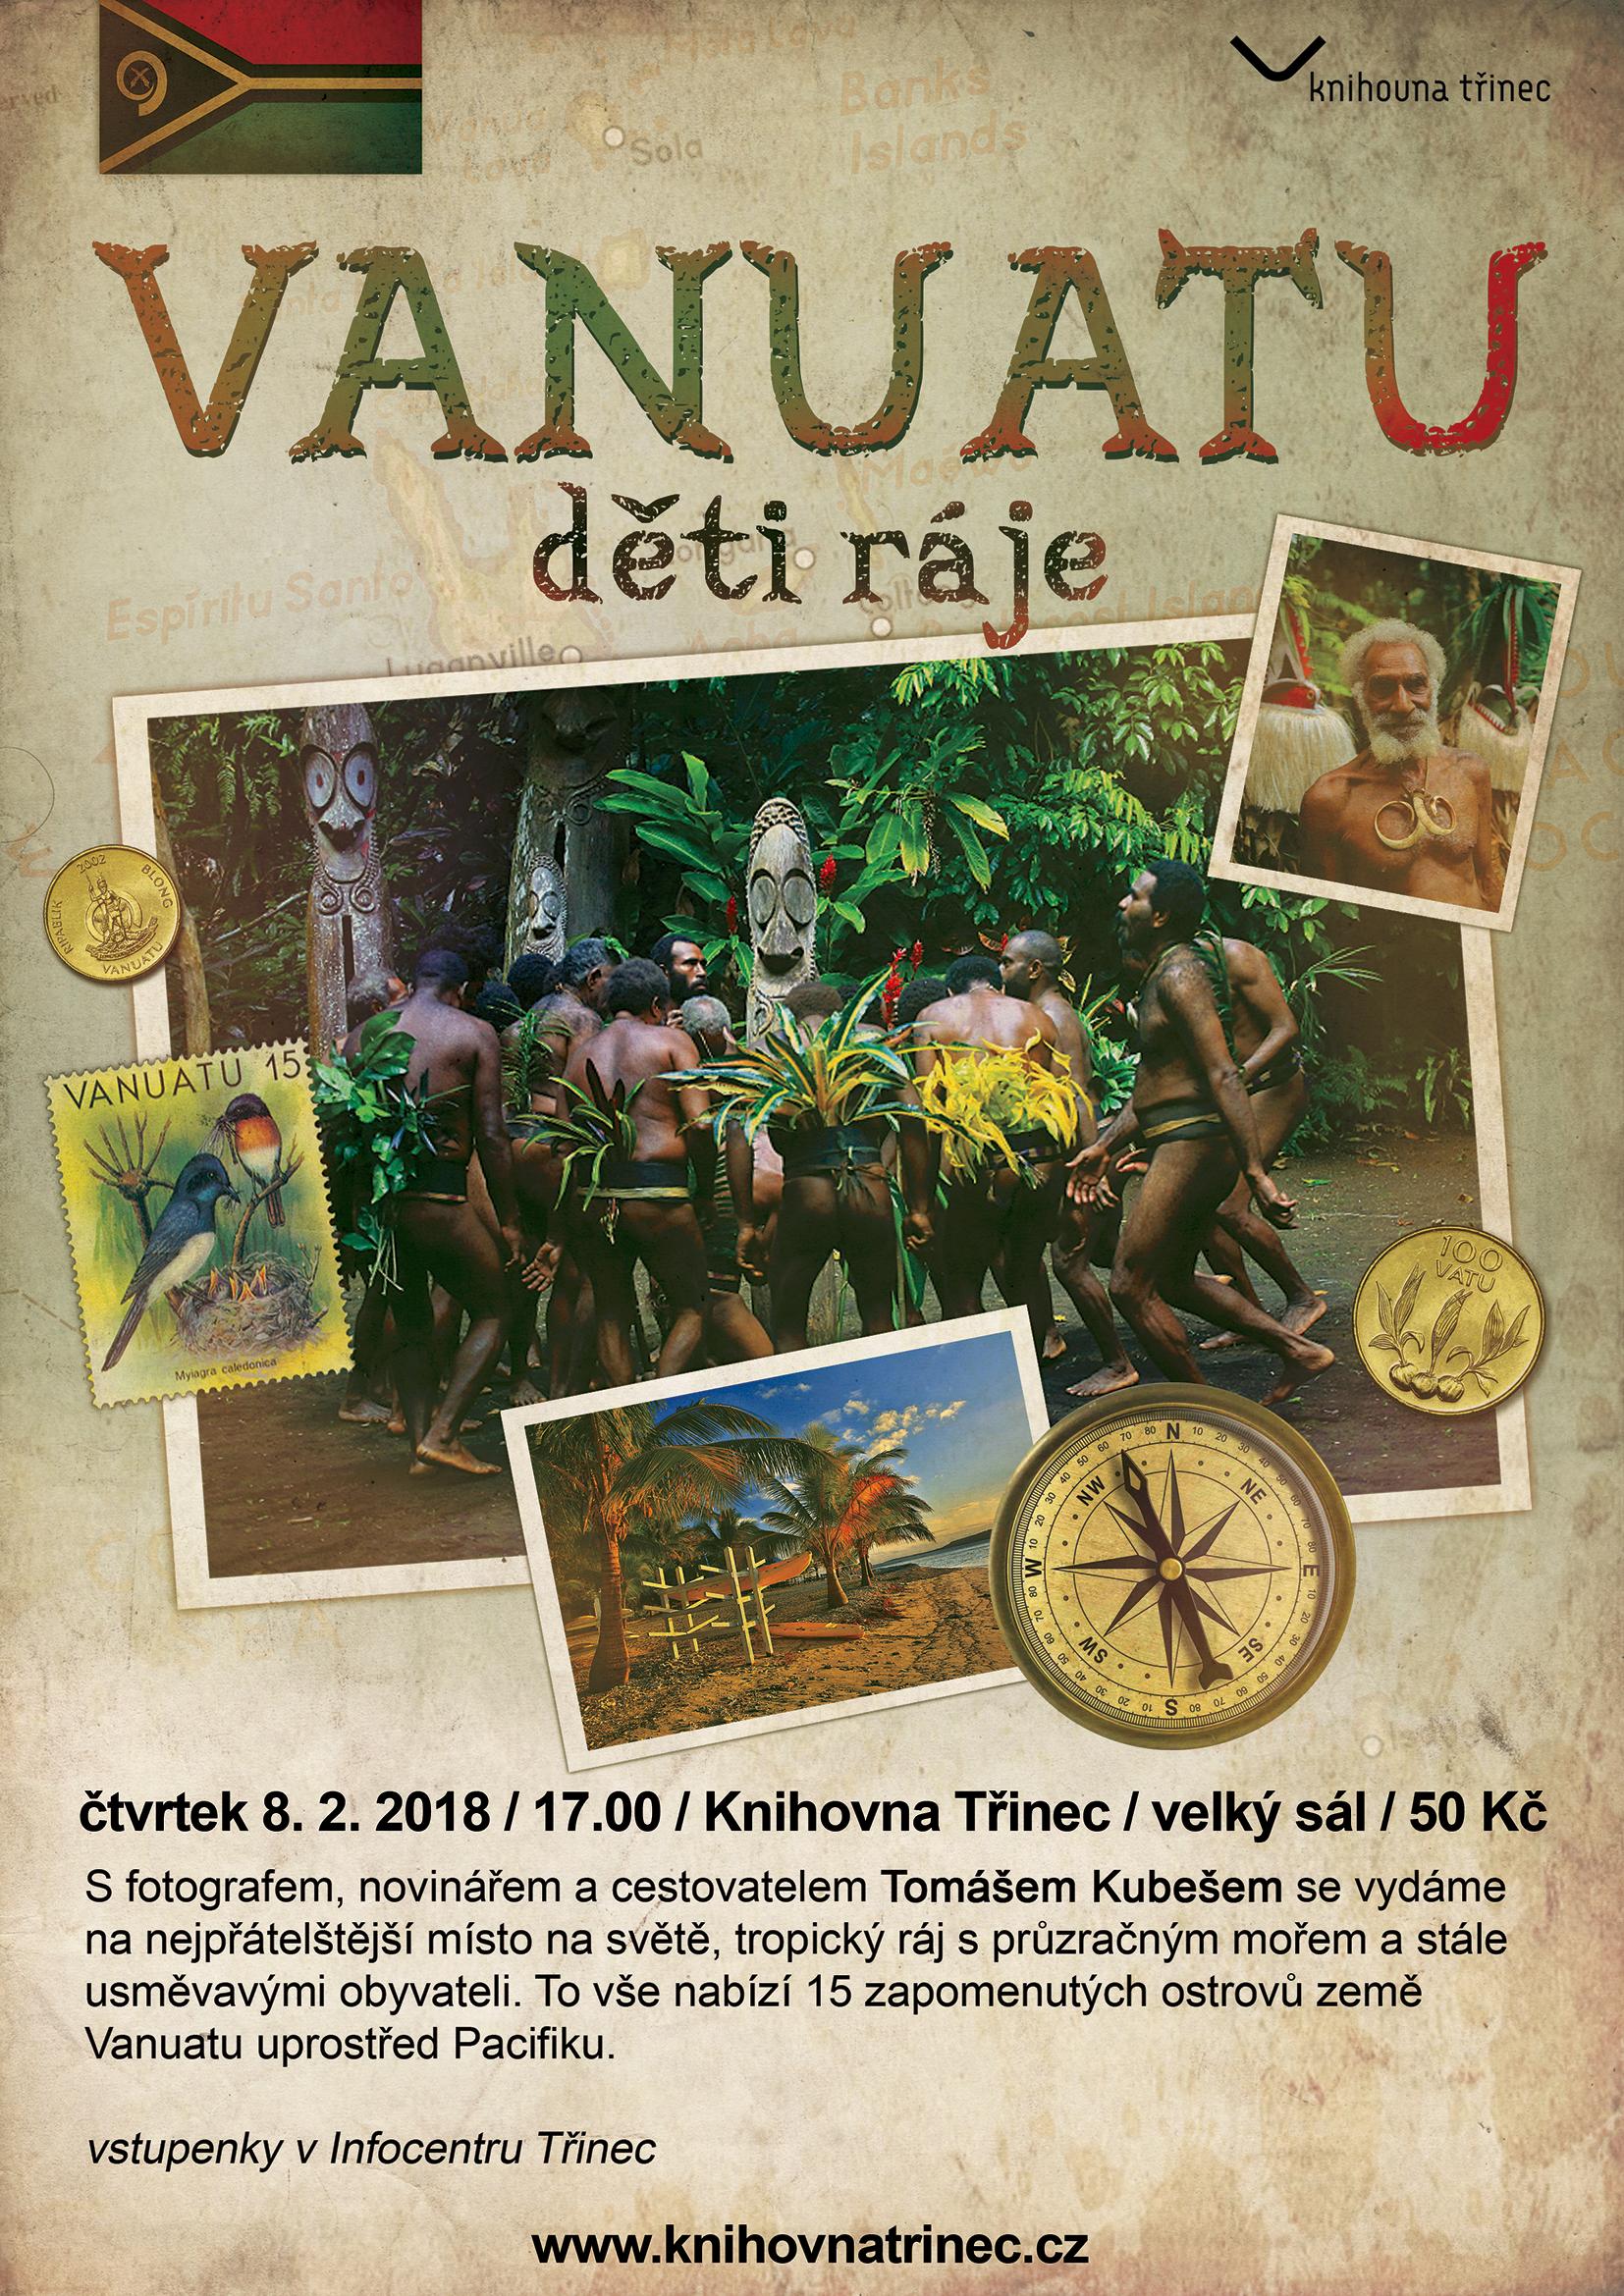 Vanuatu WEB